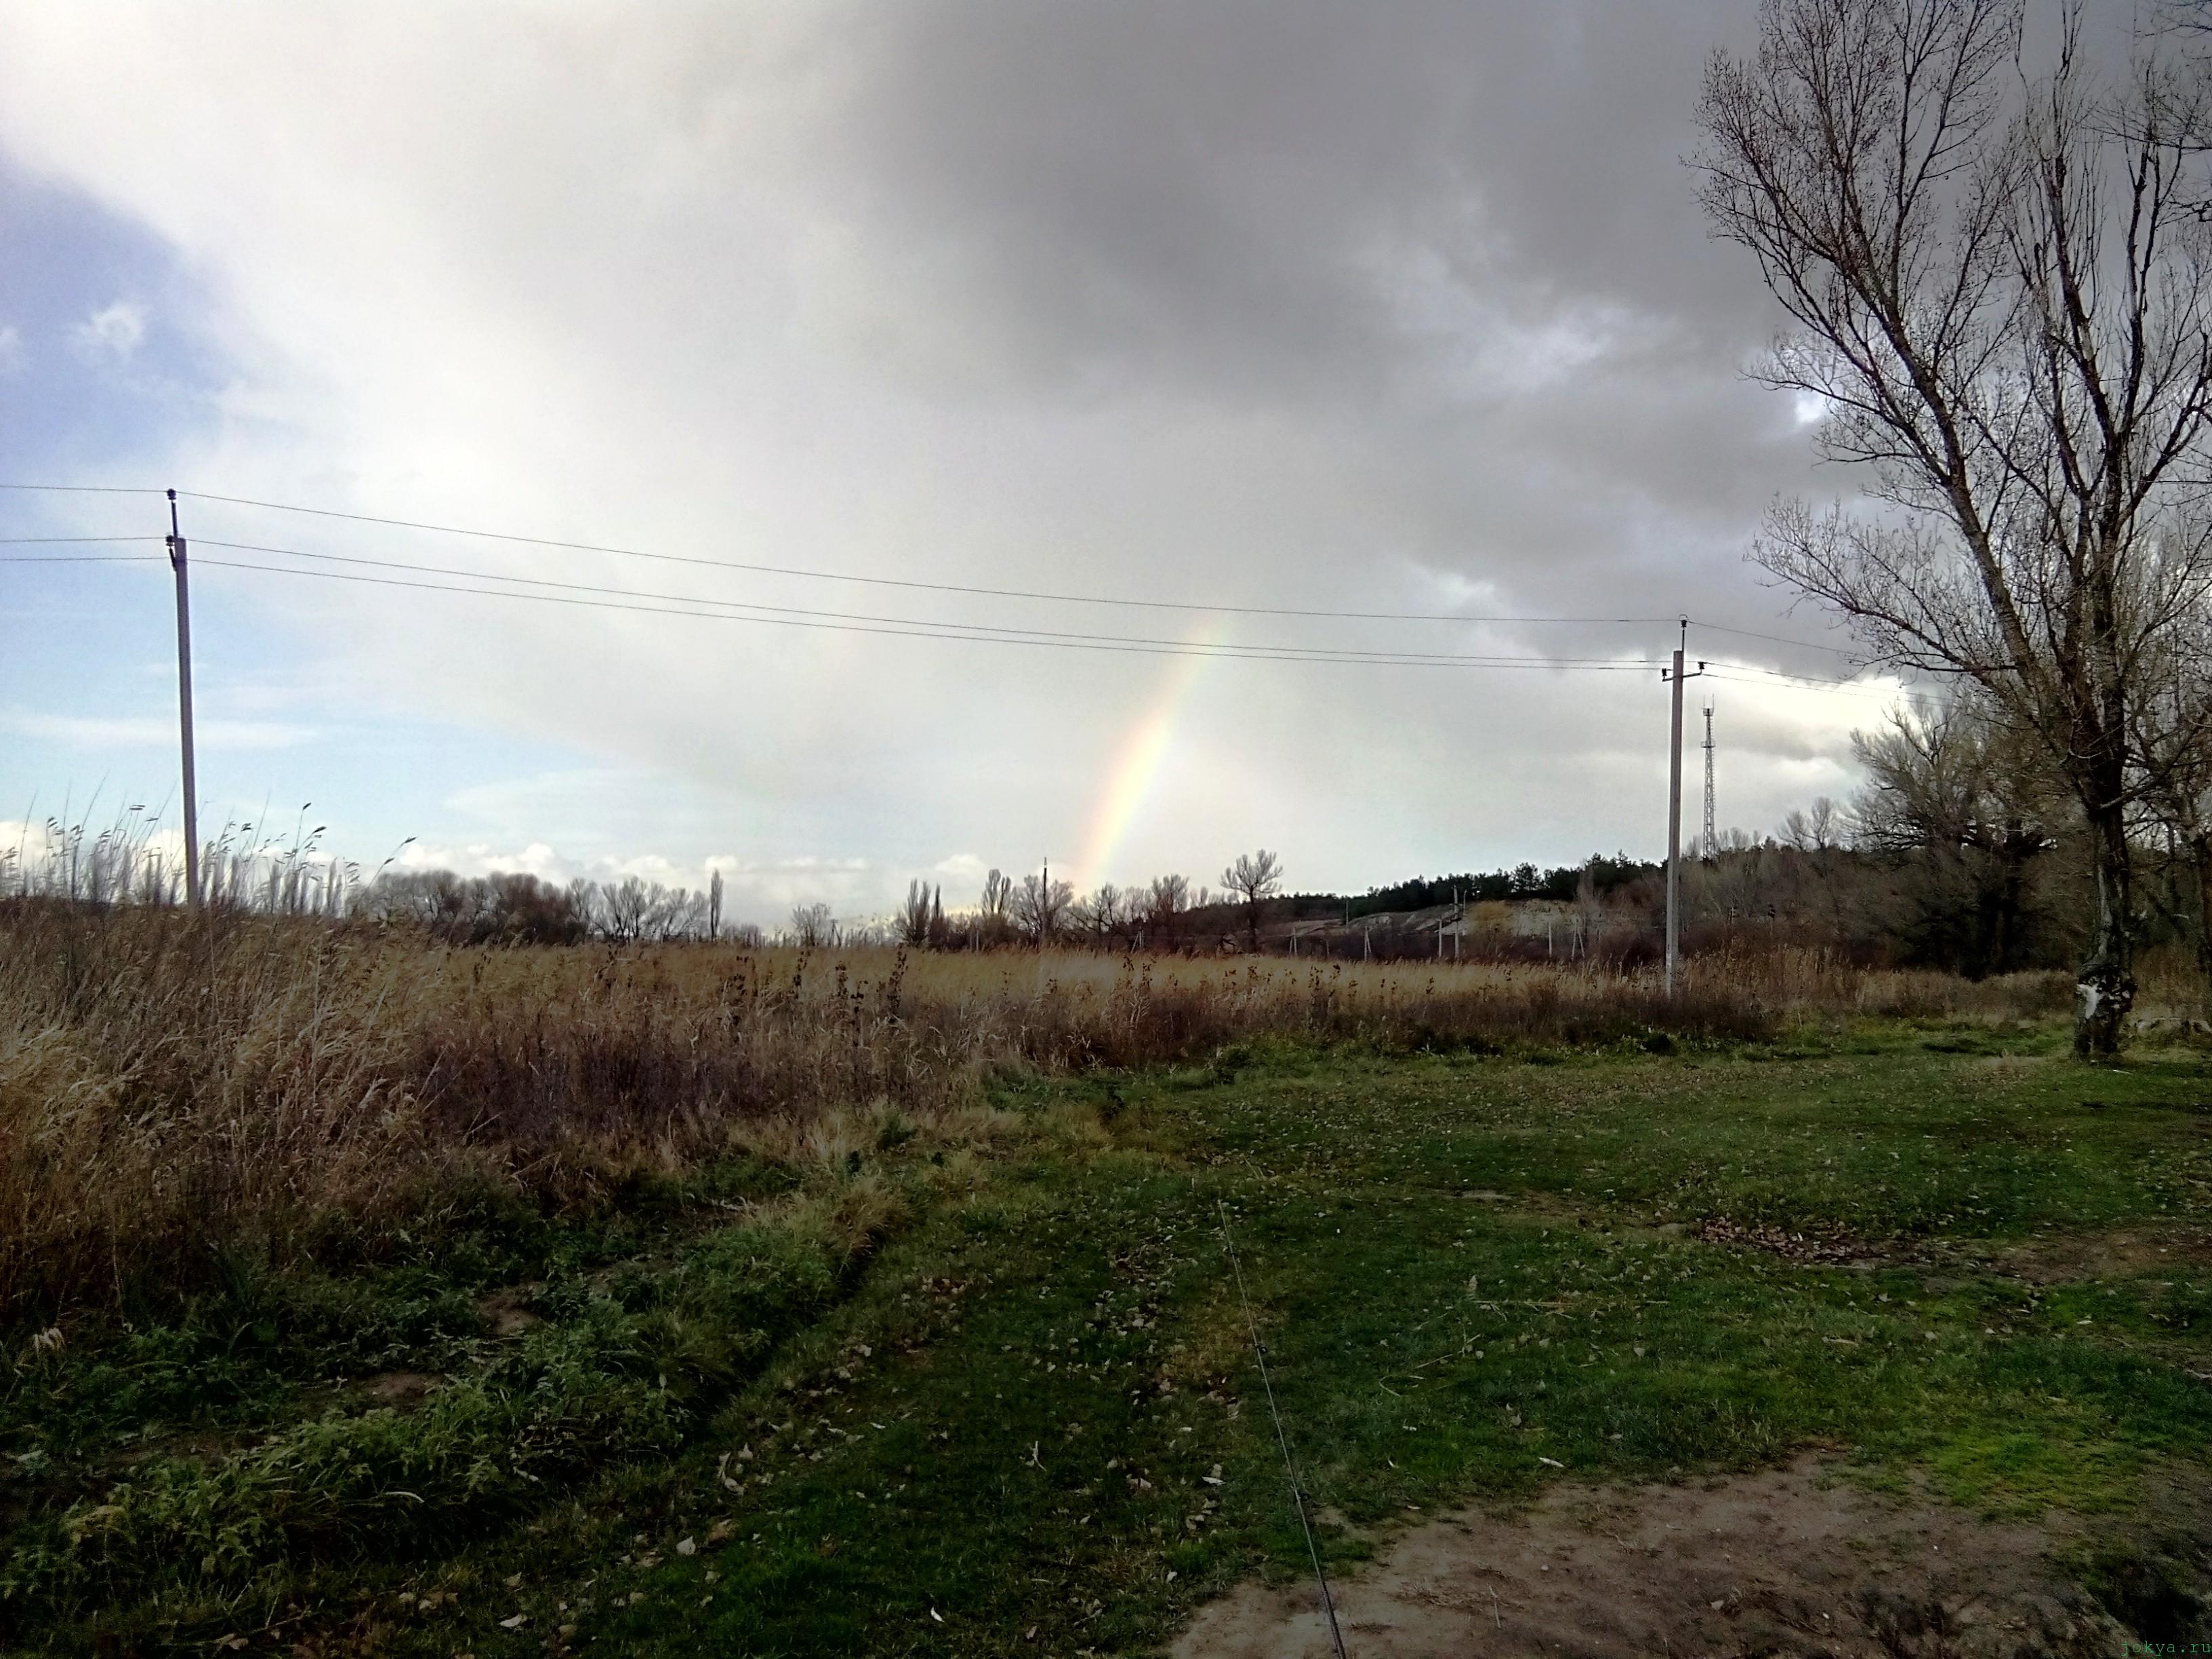 Радуга над горизонтом после ливневого дождя моя фото реальность в Крыму jokya.ru